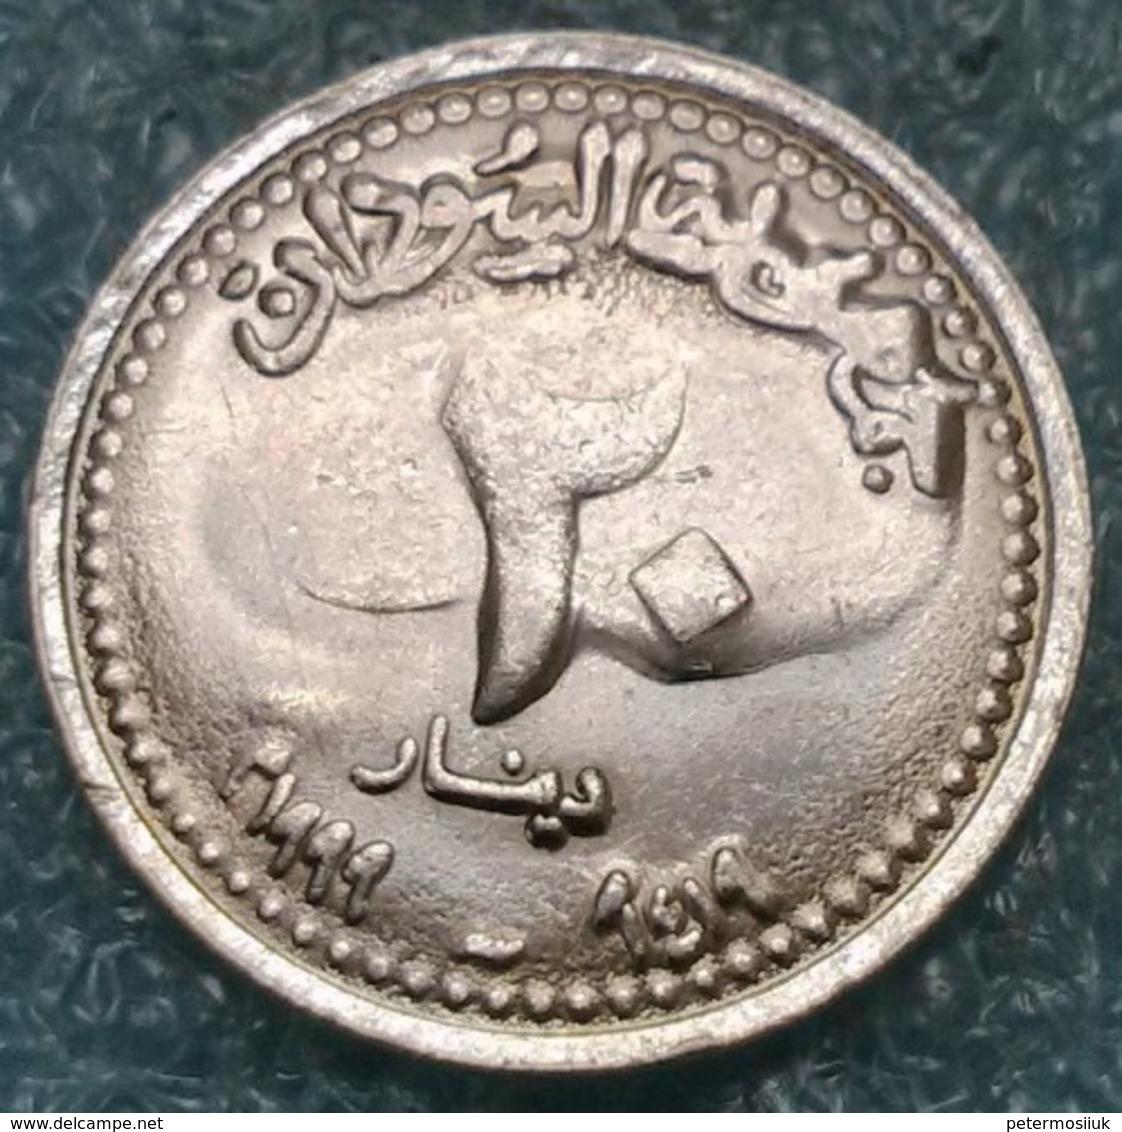 Sudan 20 Dinars, 1999 -4387 - Sudan